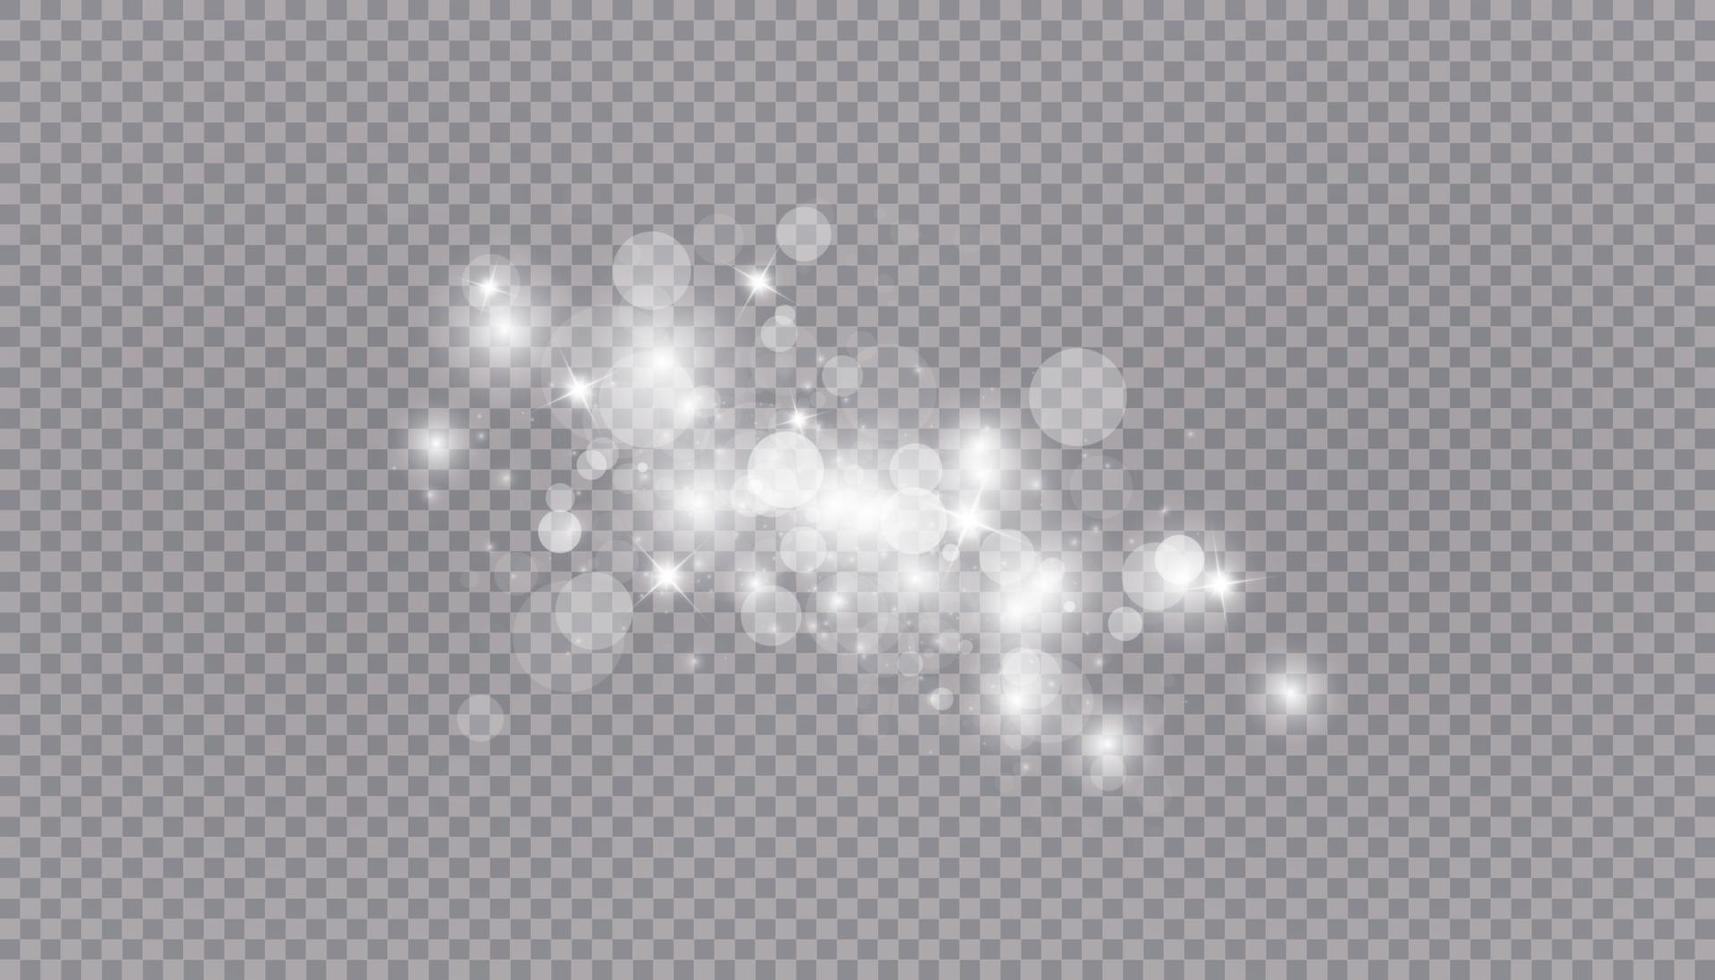 glödande ljuseffekt med många glitterpartiklar isolerad bakgrund. vektor stjärnklart moln med damm. magisk juldekoration